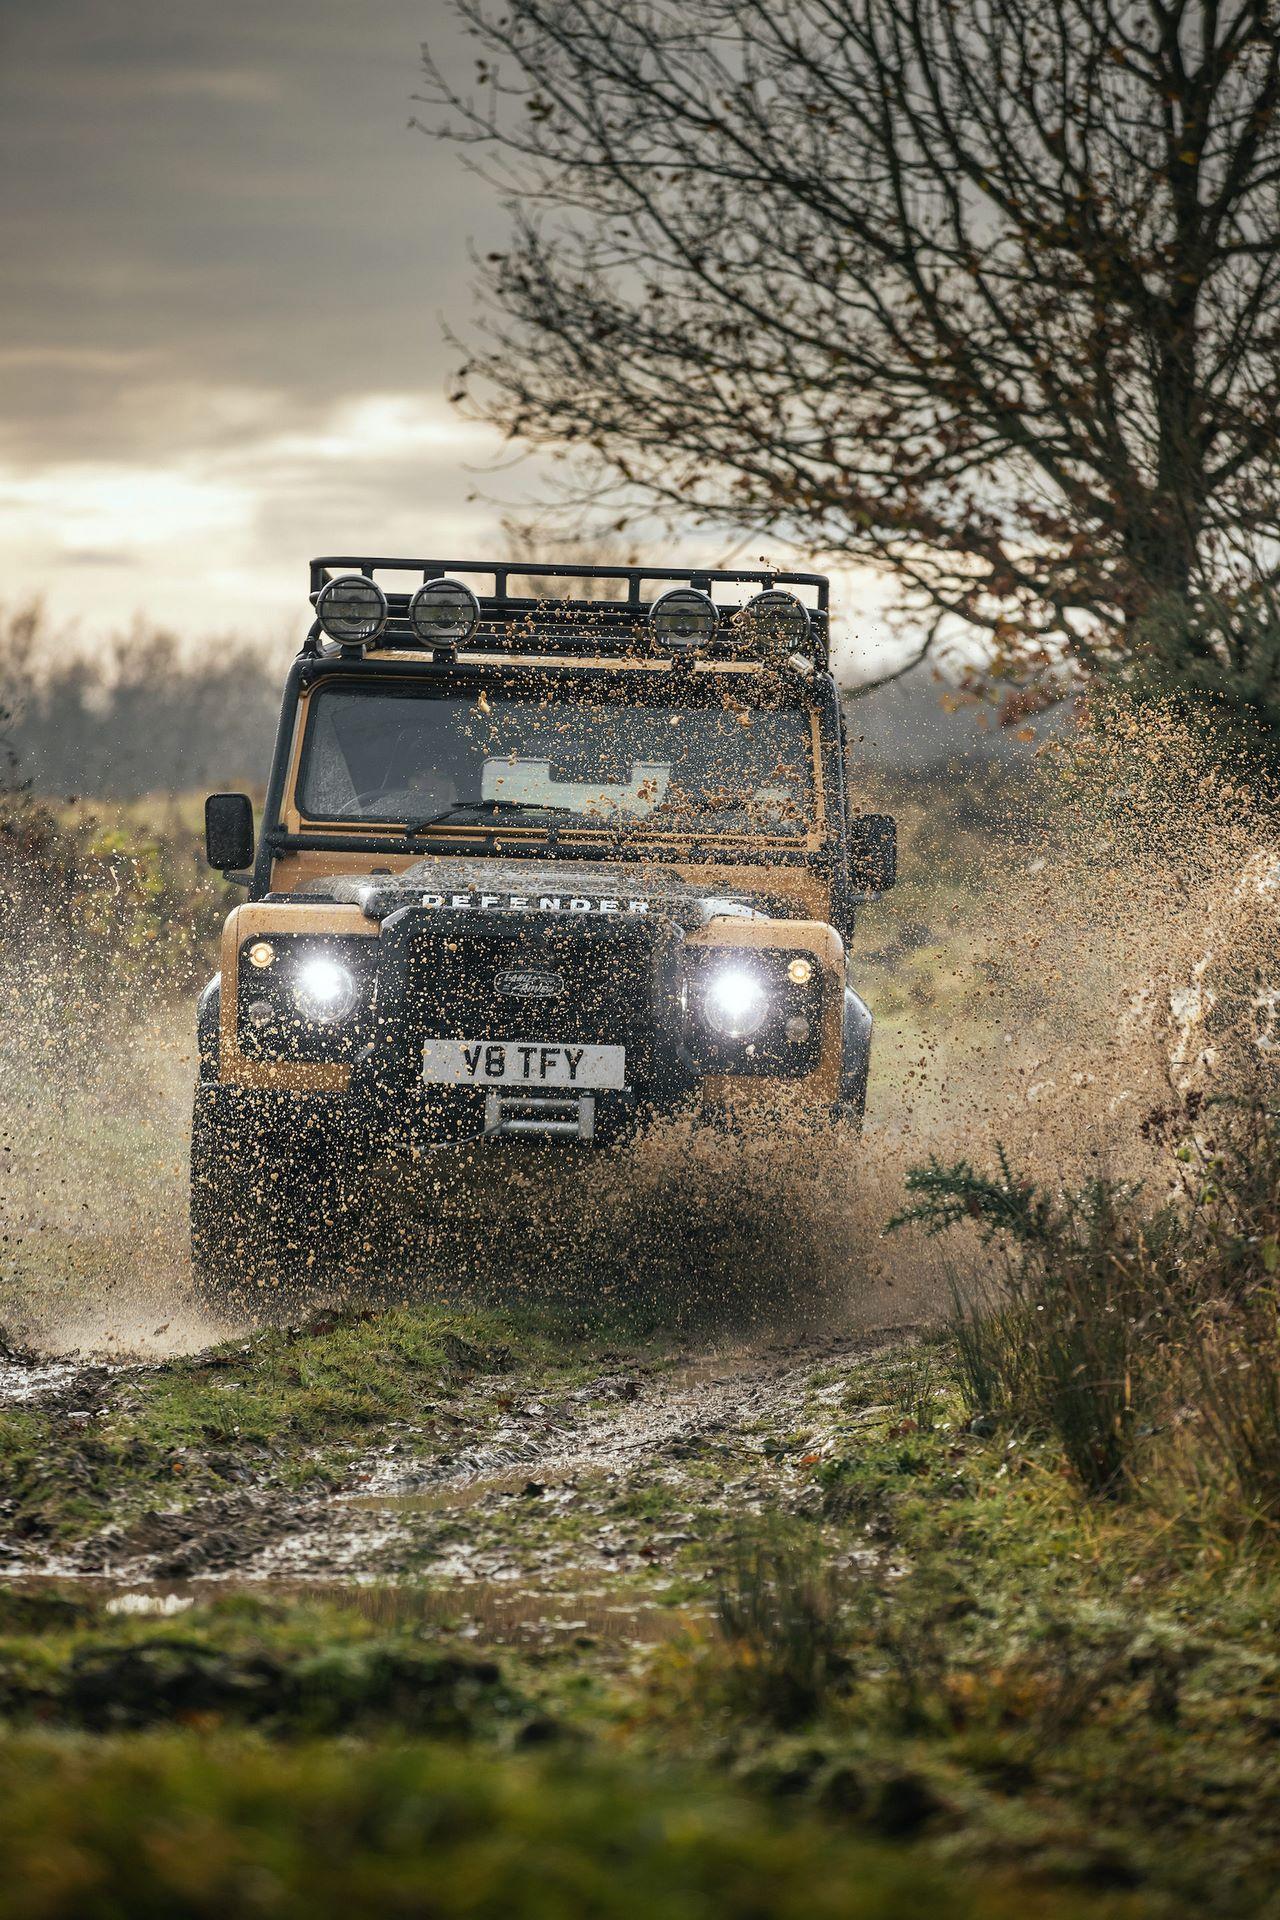 Land-Rover-Defender-Works-V8-Trophy-17